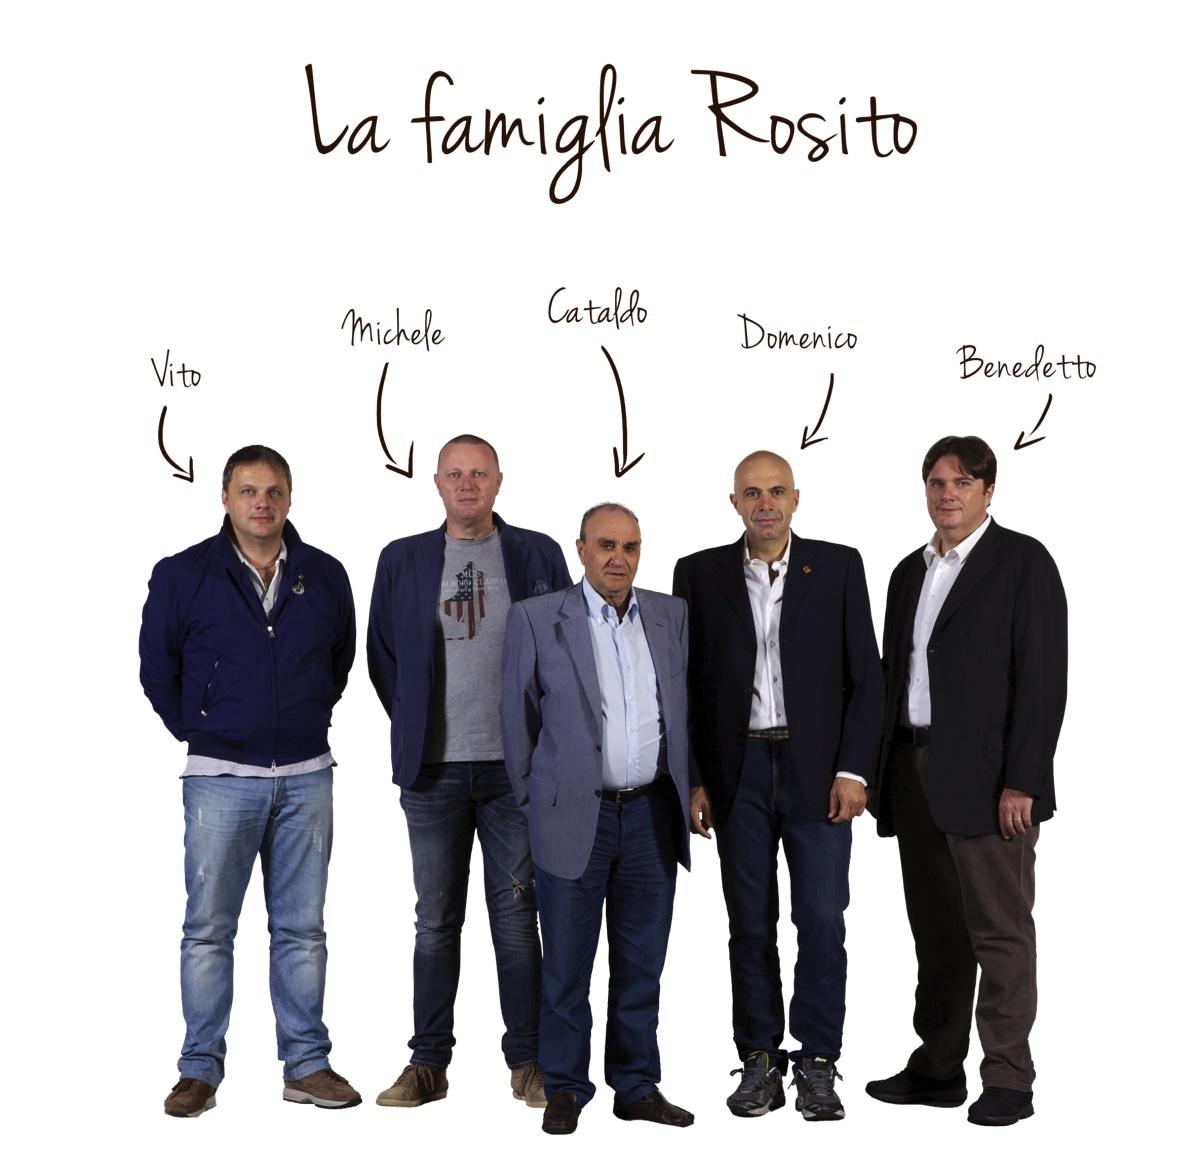 La Famiglia Rosito, Cataldo, Domenico, Benedetto, Vito e Michele